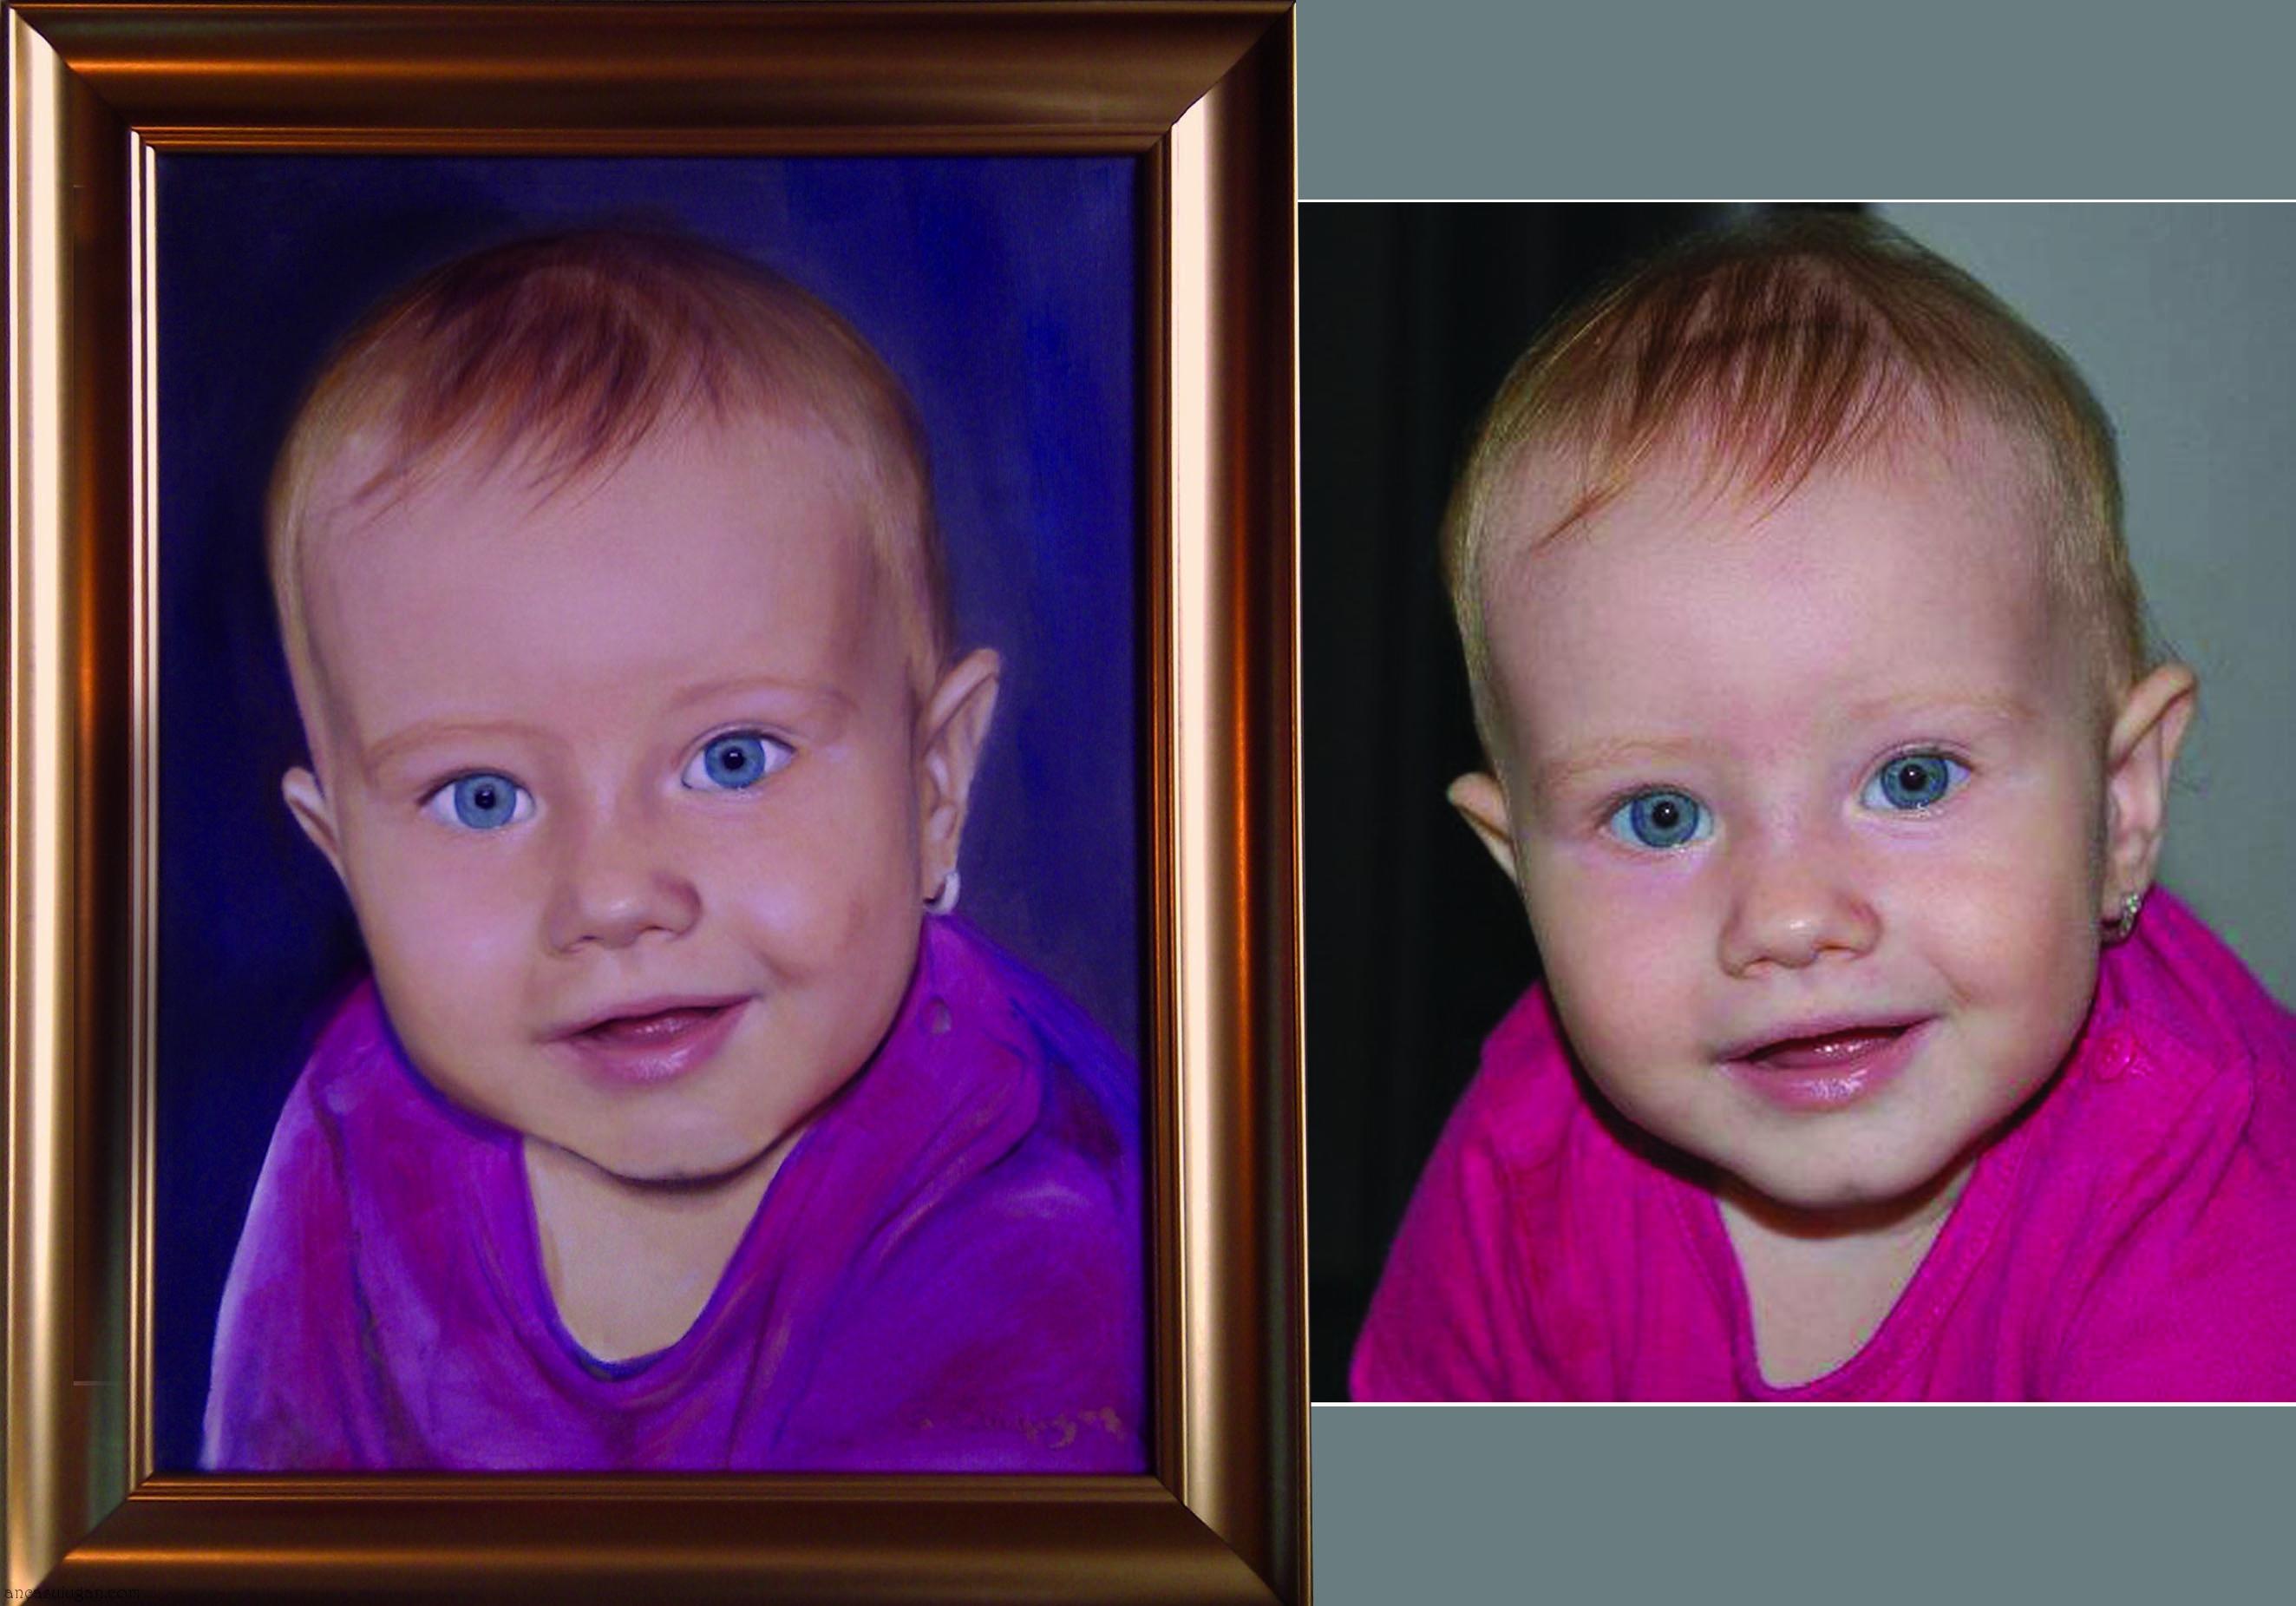 Fetita pictata in ulei pe panza | de Anca Suiugan